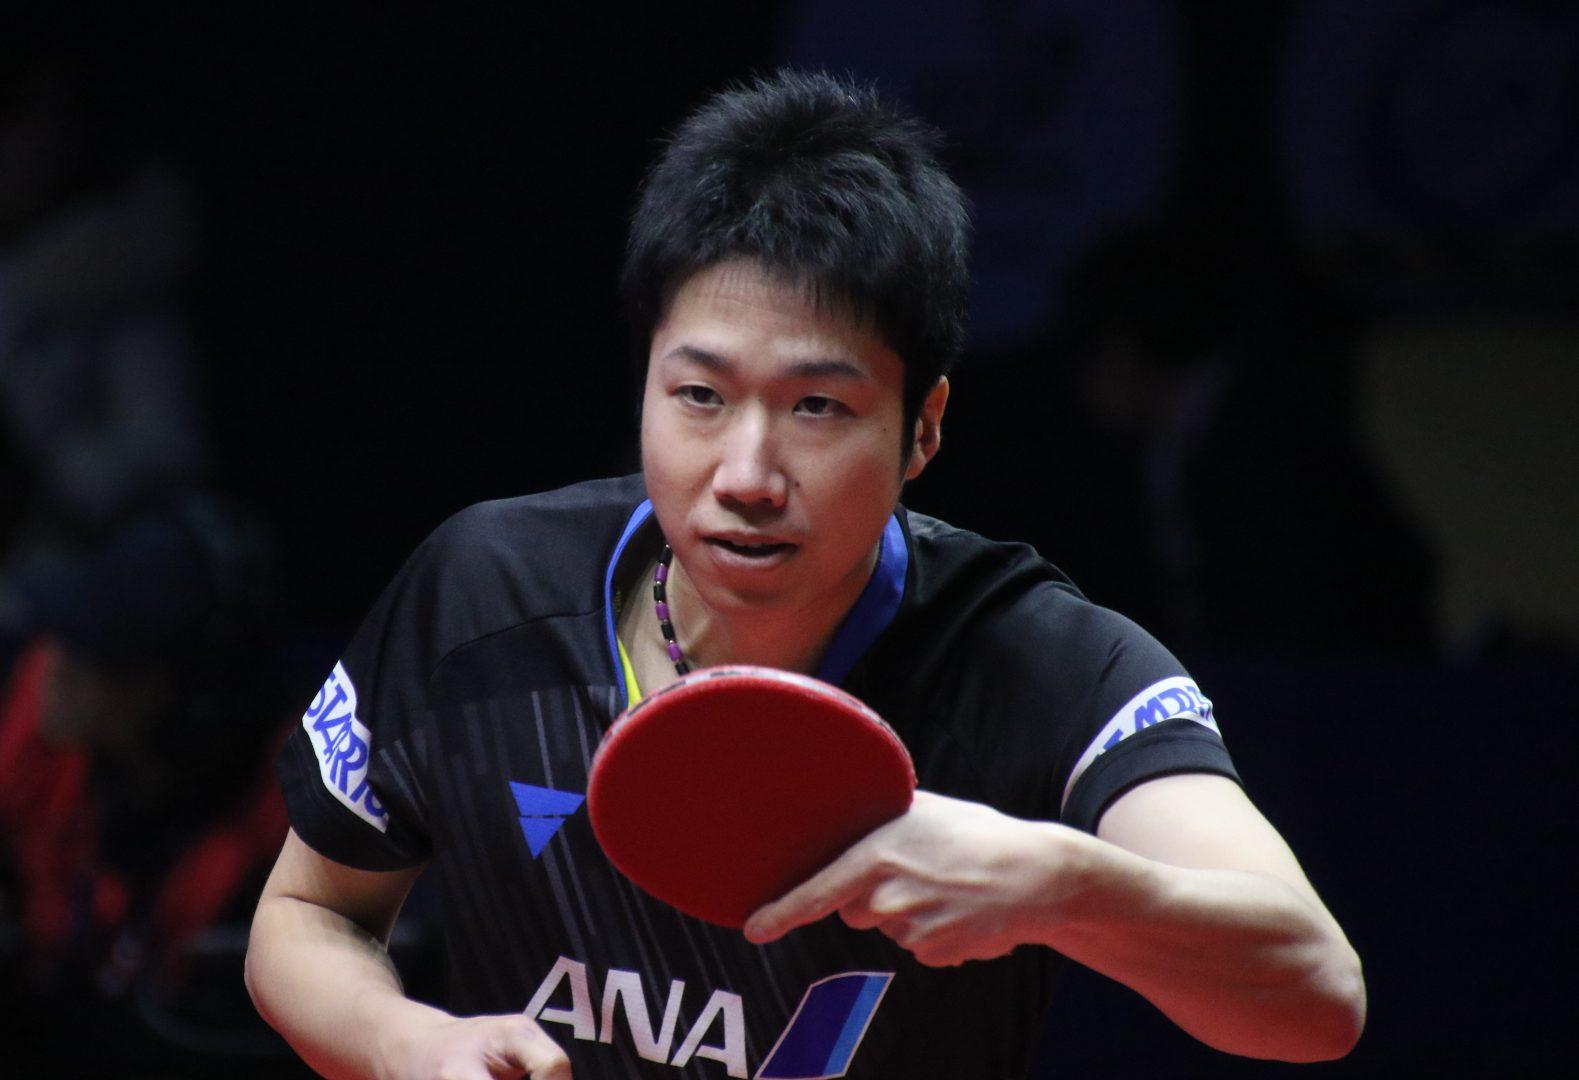 水谷隼「このままでは終わりたくない」 東京五輪シングルス出場逃すも前を向く